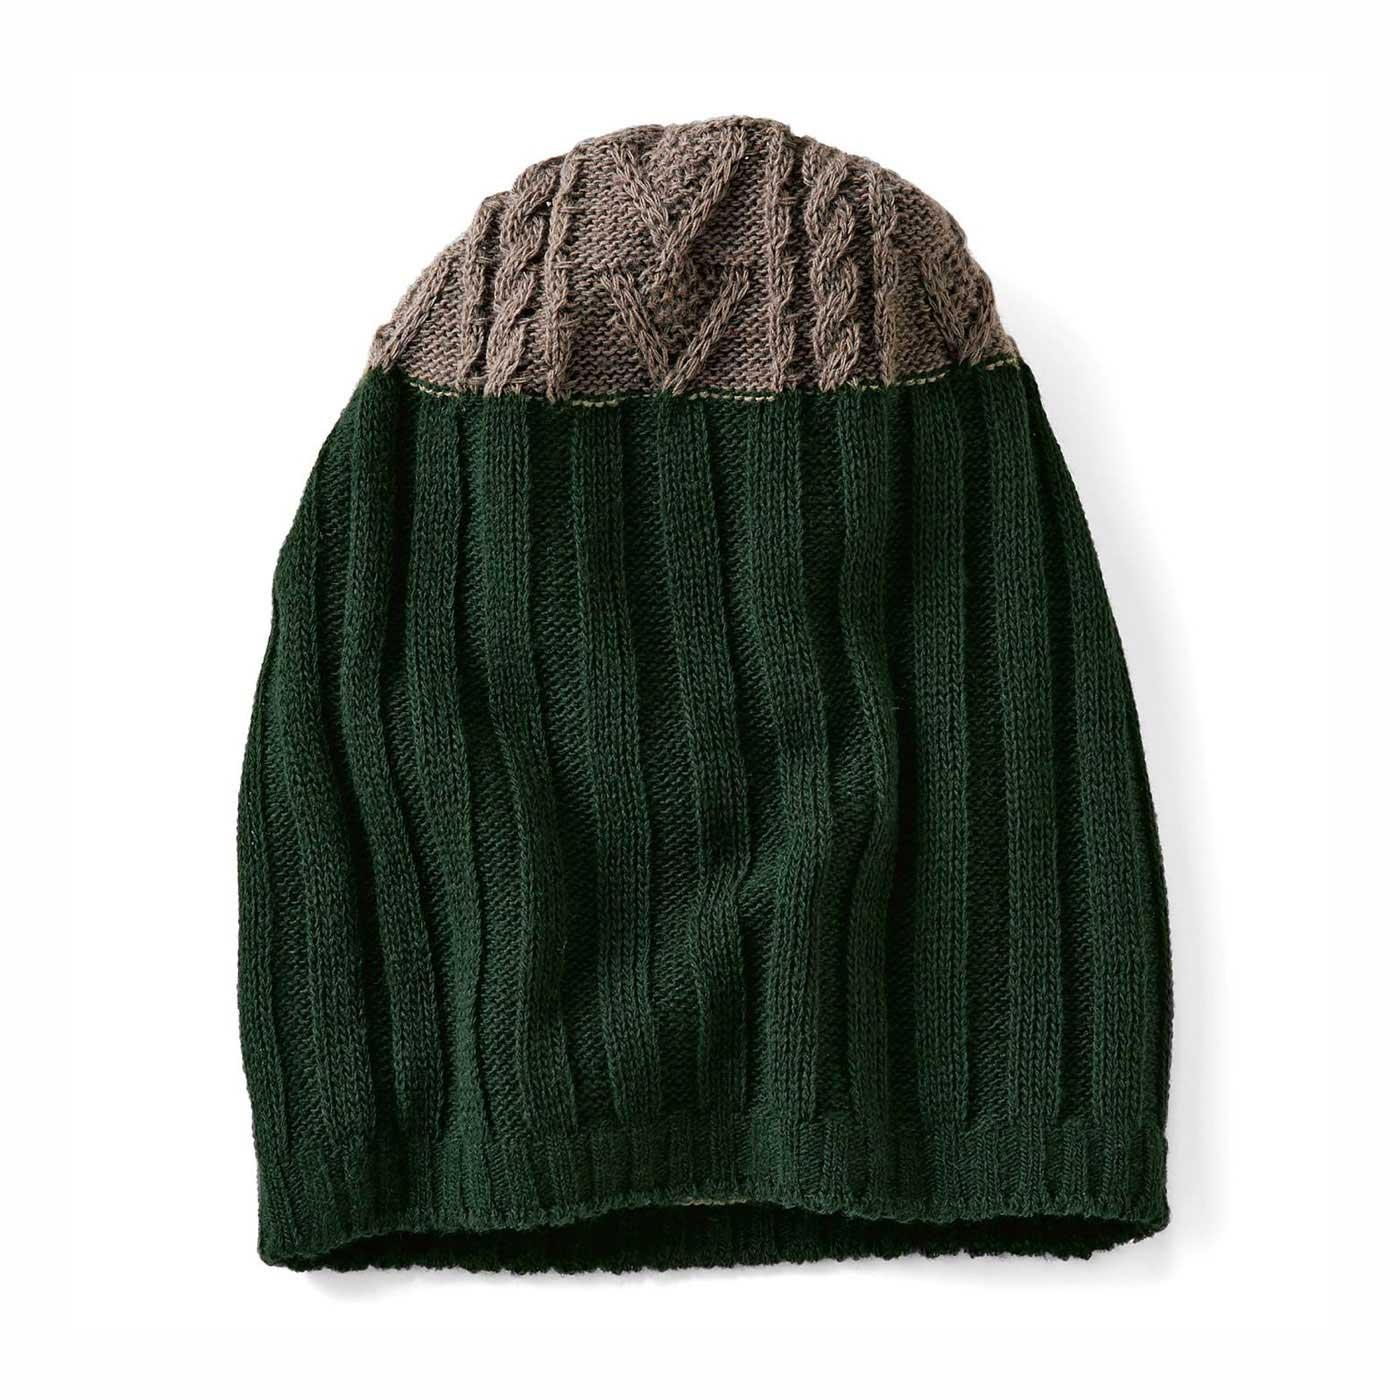 【リブ編みニットキャップ】アクセントカラーで秋冬おしゃれのスパイスにぴったり。